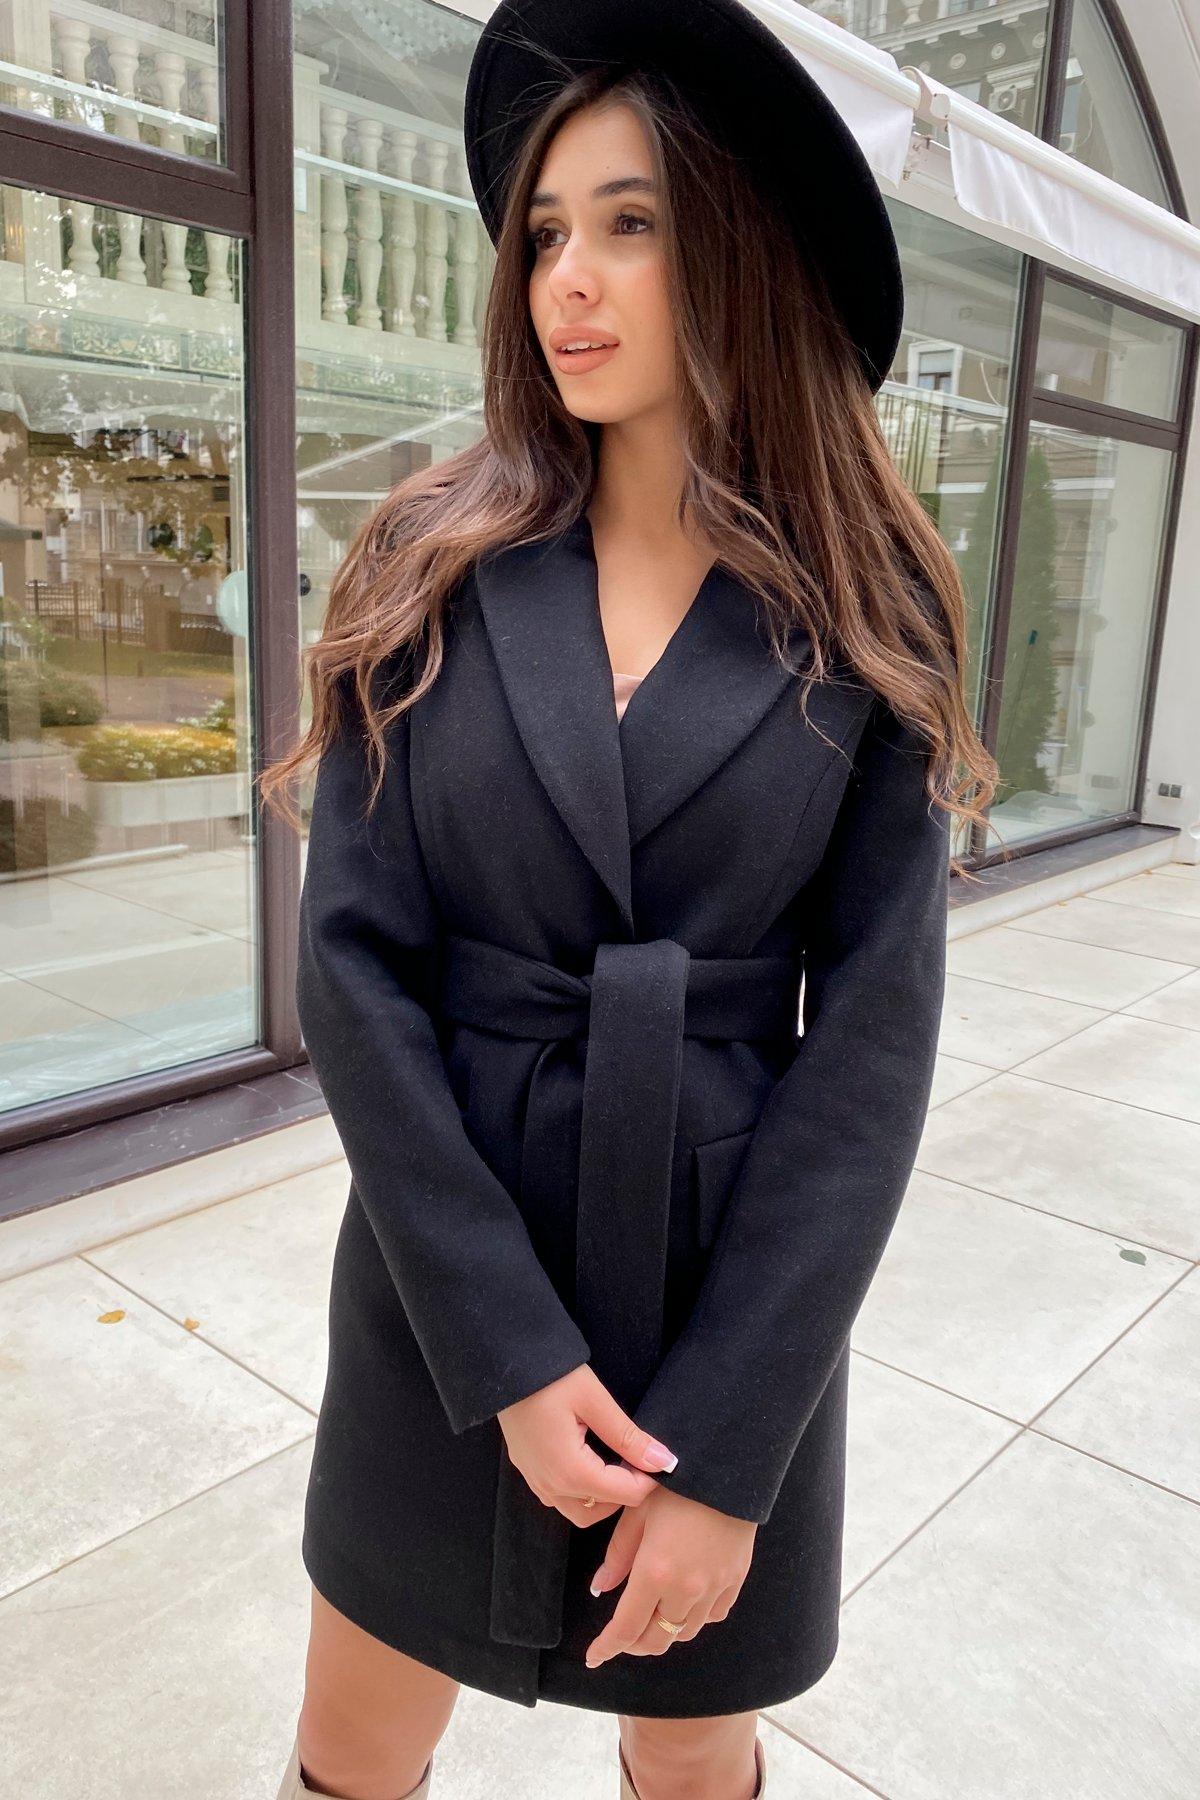 Корси пальто из кашемира 9794 АРТ. 46080 Цвет: Черный - фото 4, интернет магазин tm-modus.ru